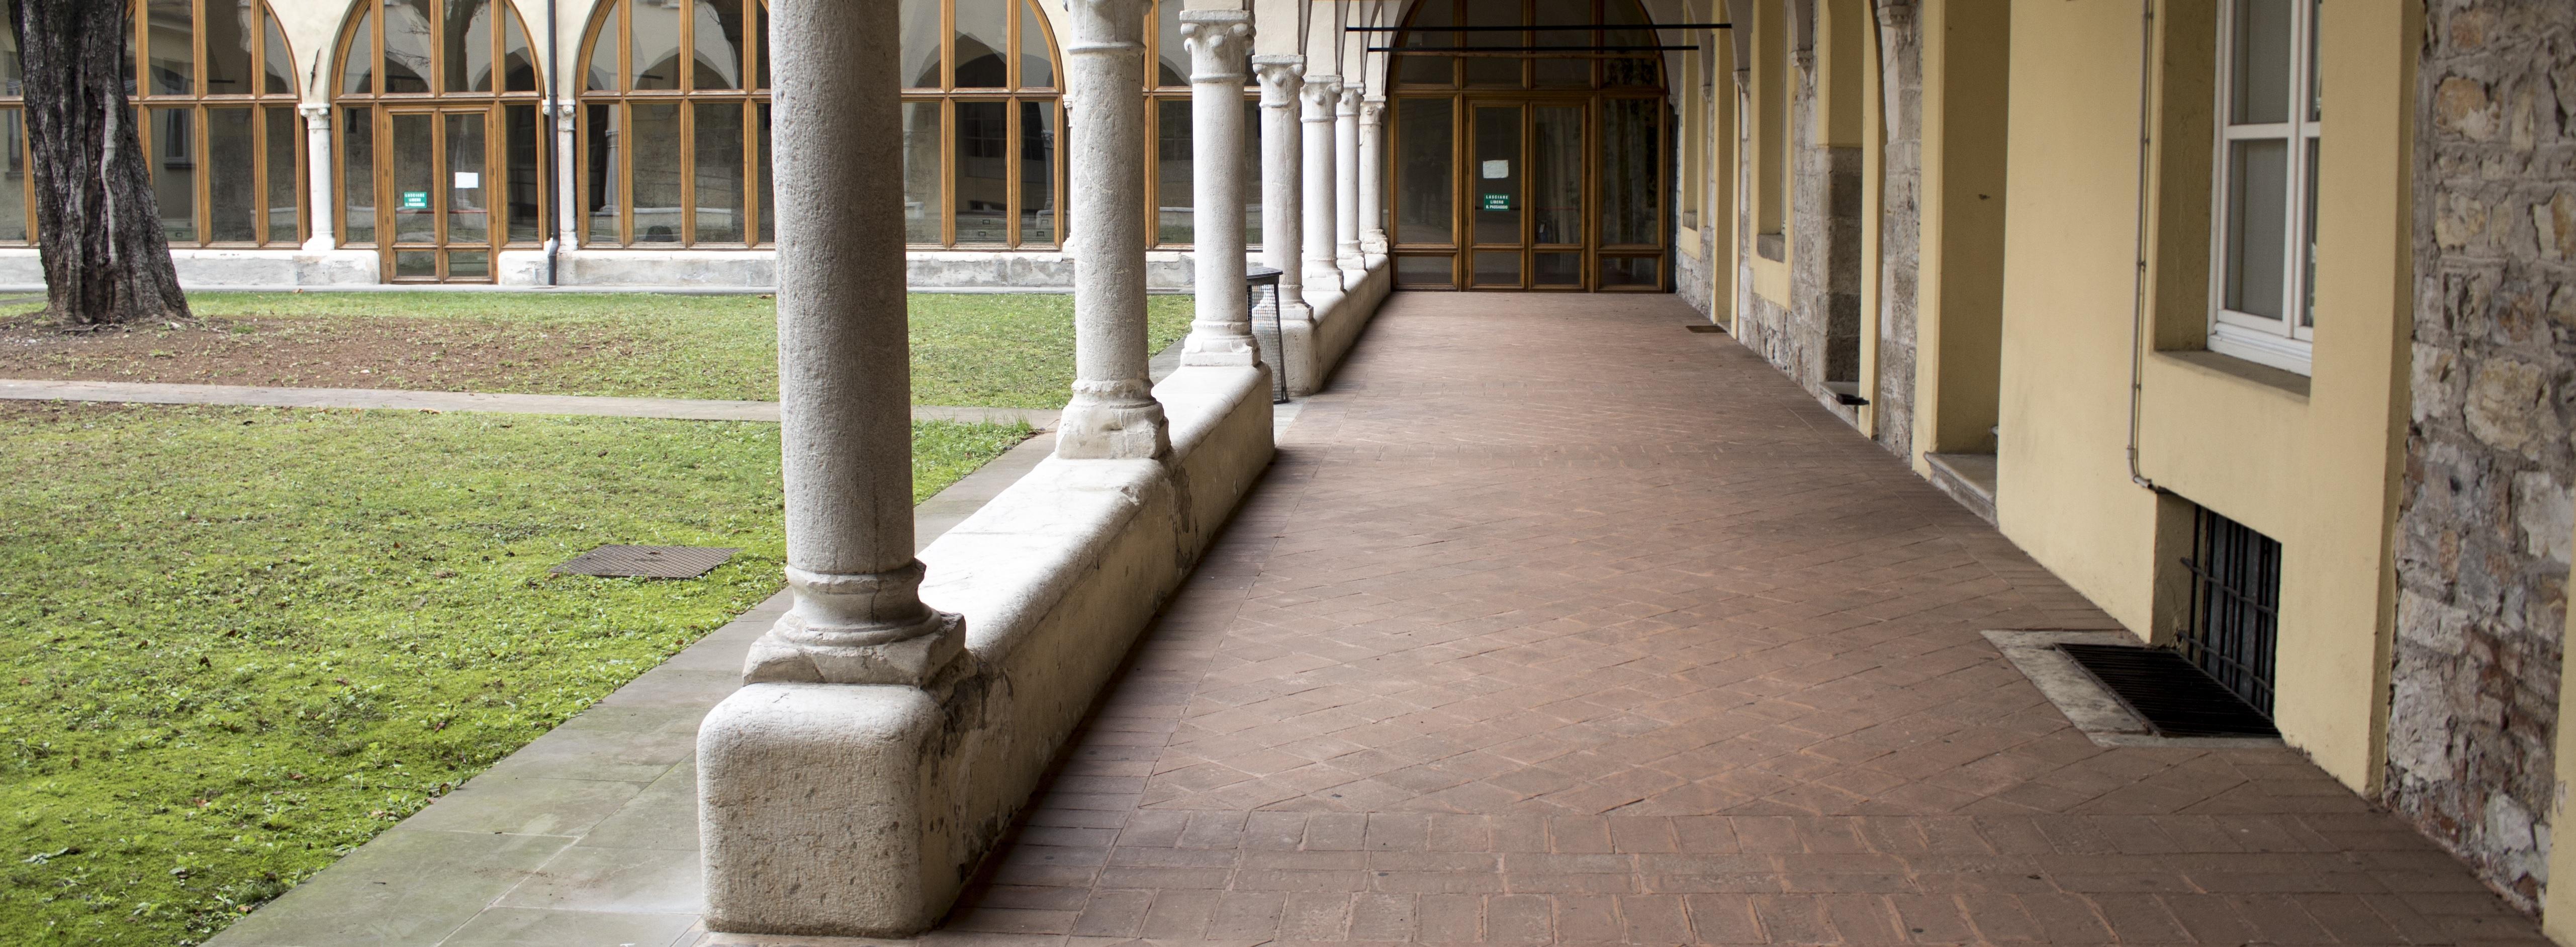 Fiera Di Brescia Calendario 2020.Home Conservatorio Di Musica Luca Marenzio Conservatorio